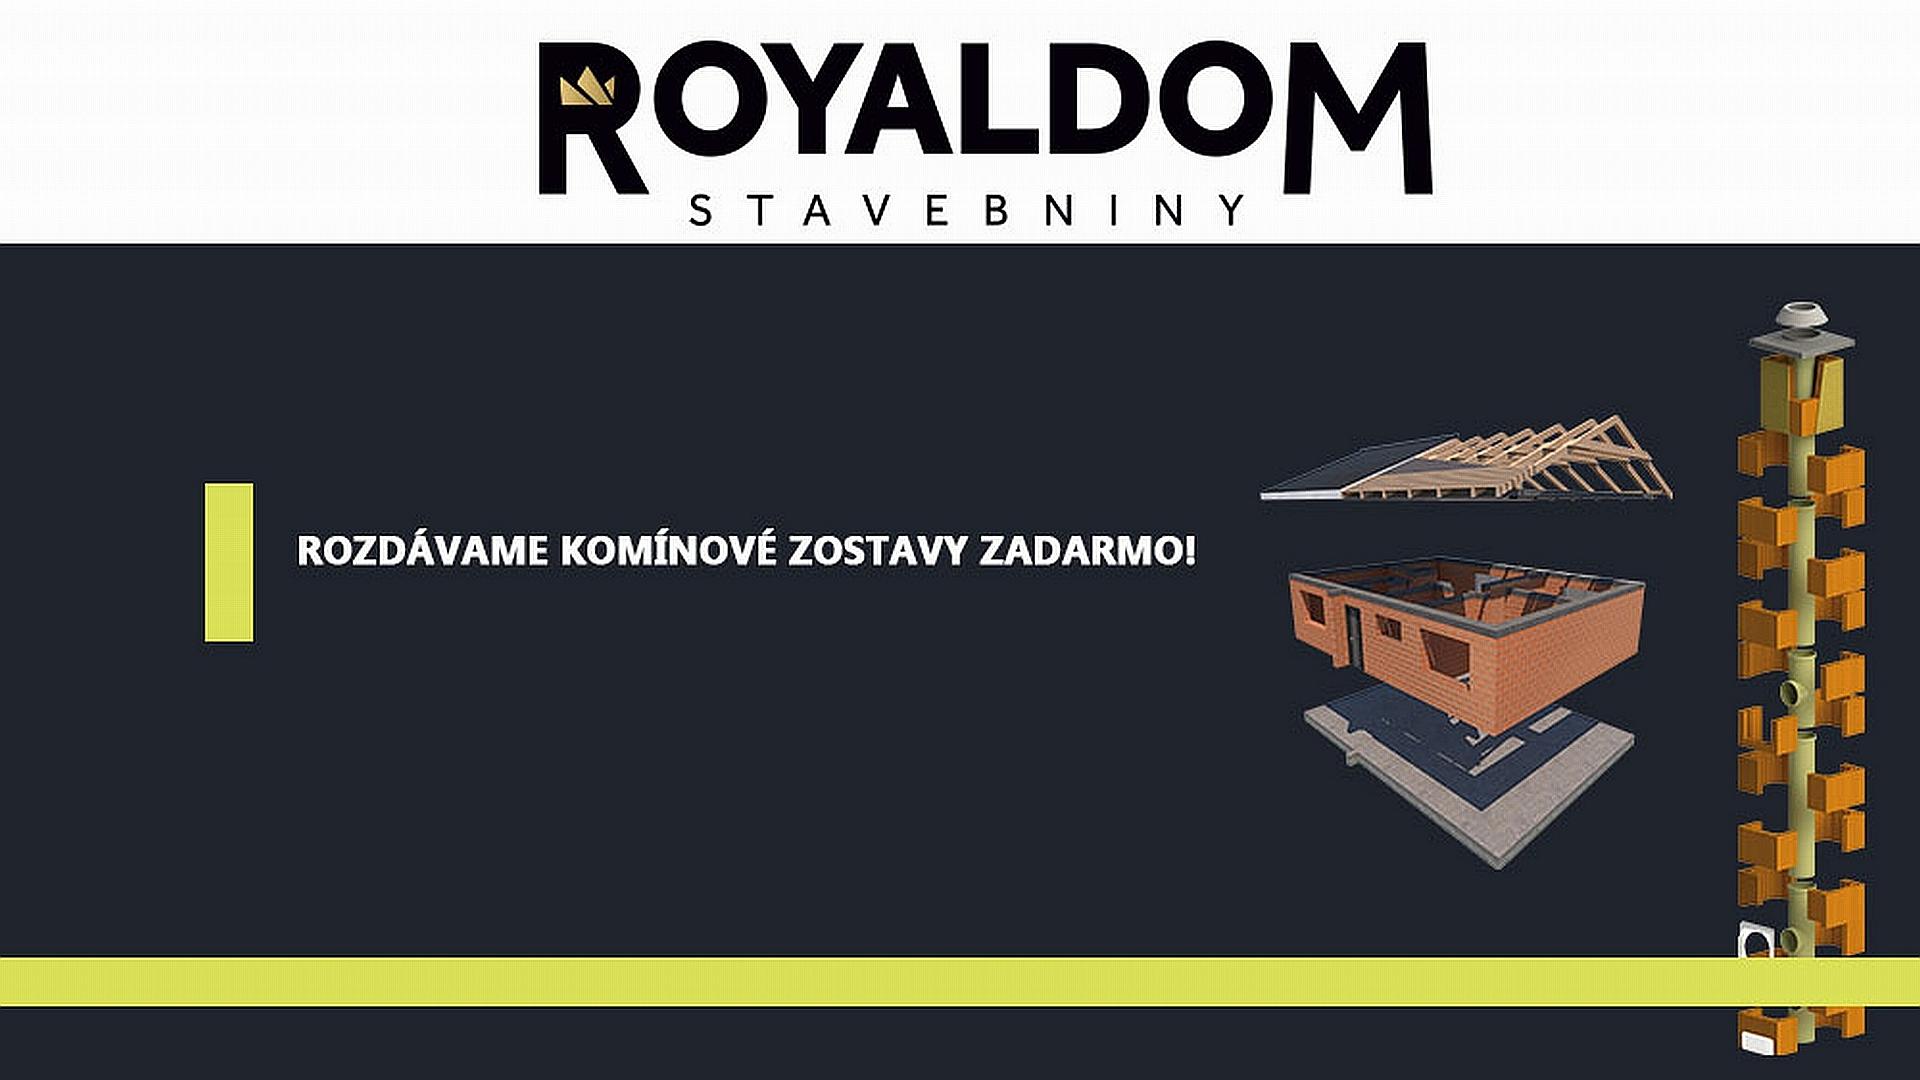 Stavebniny Royaldom rozdávajú komínové zostavy zadarmo!